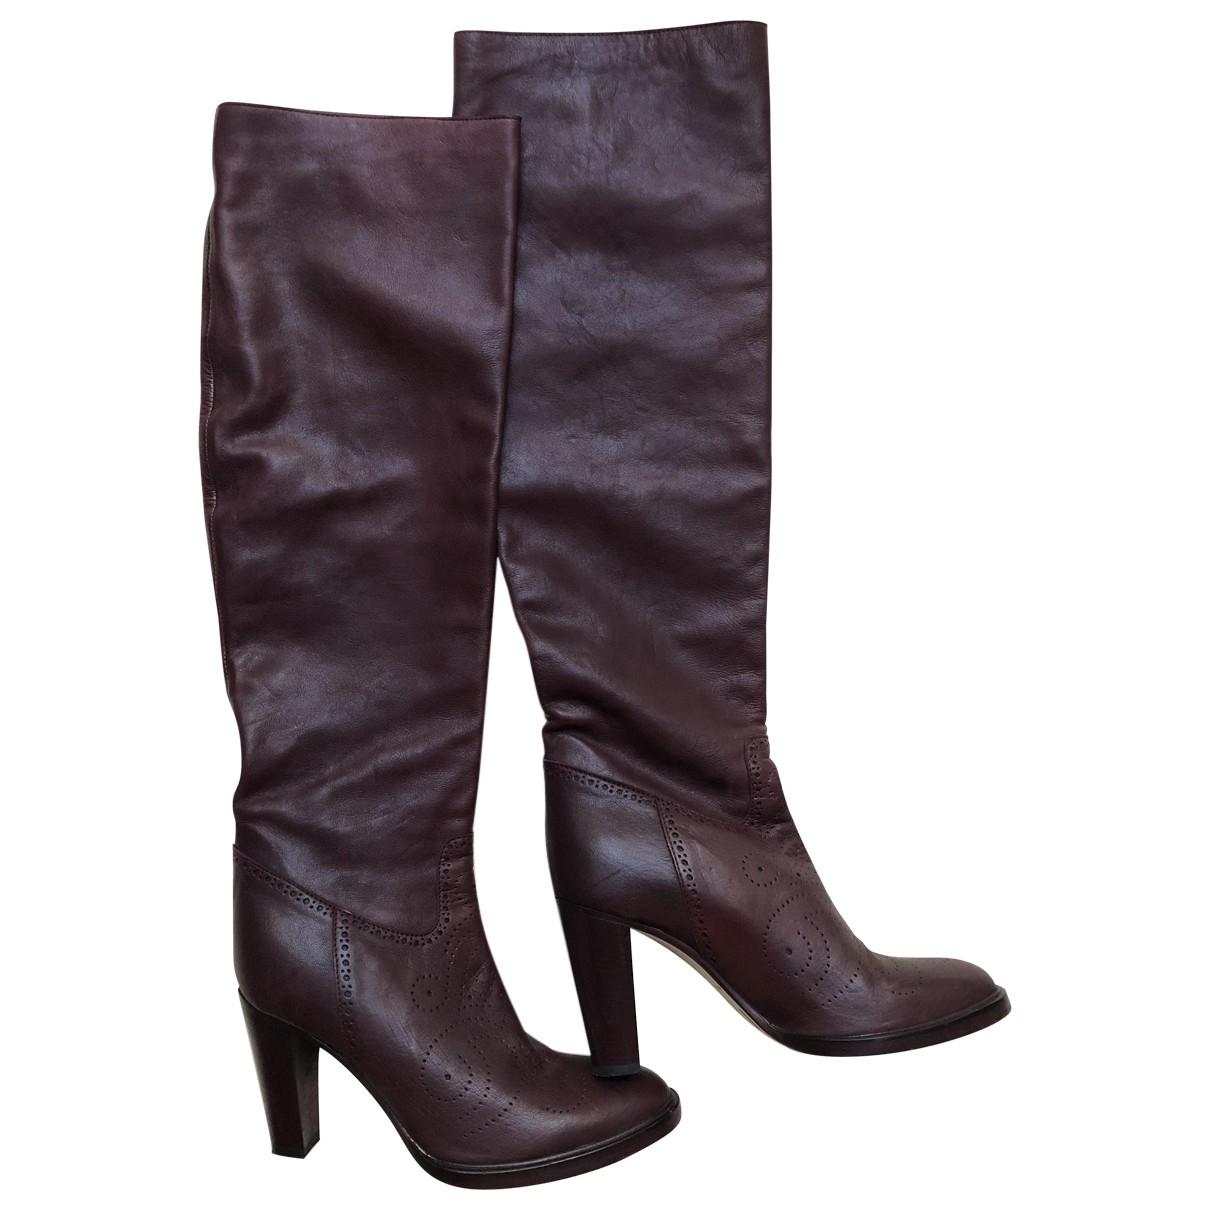 A.f.vandevorst \N Burgundy Leather Boots for Women 37.5 EU